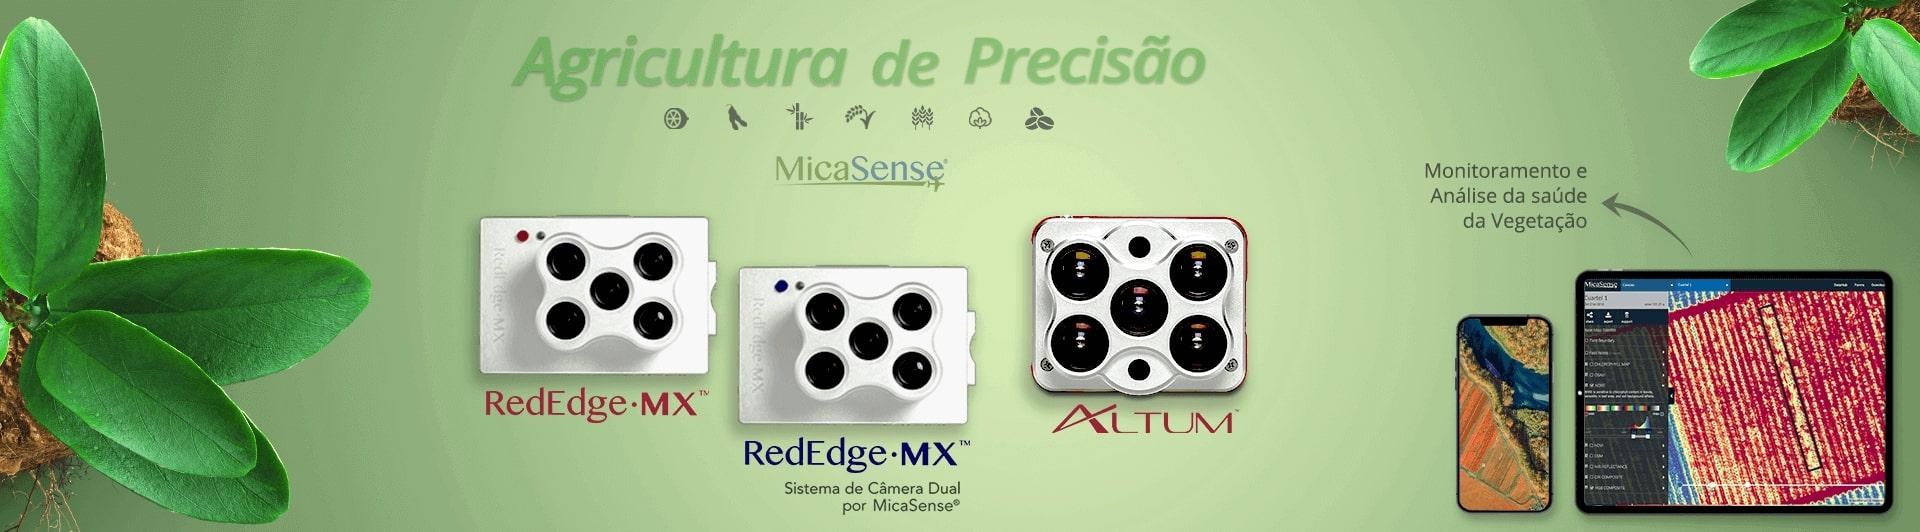 Sensores Micasense Multispectrais Super Importadora